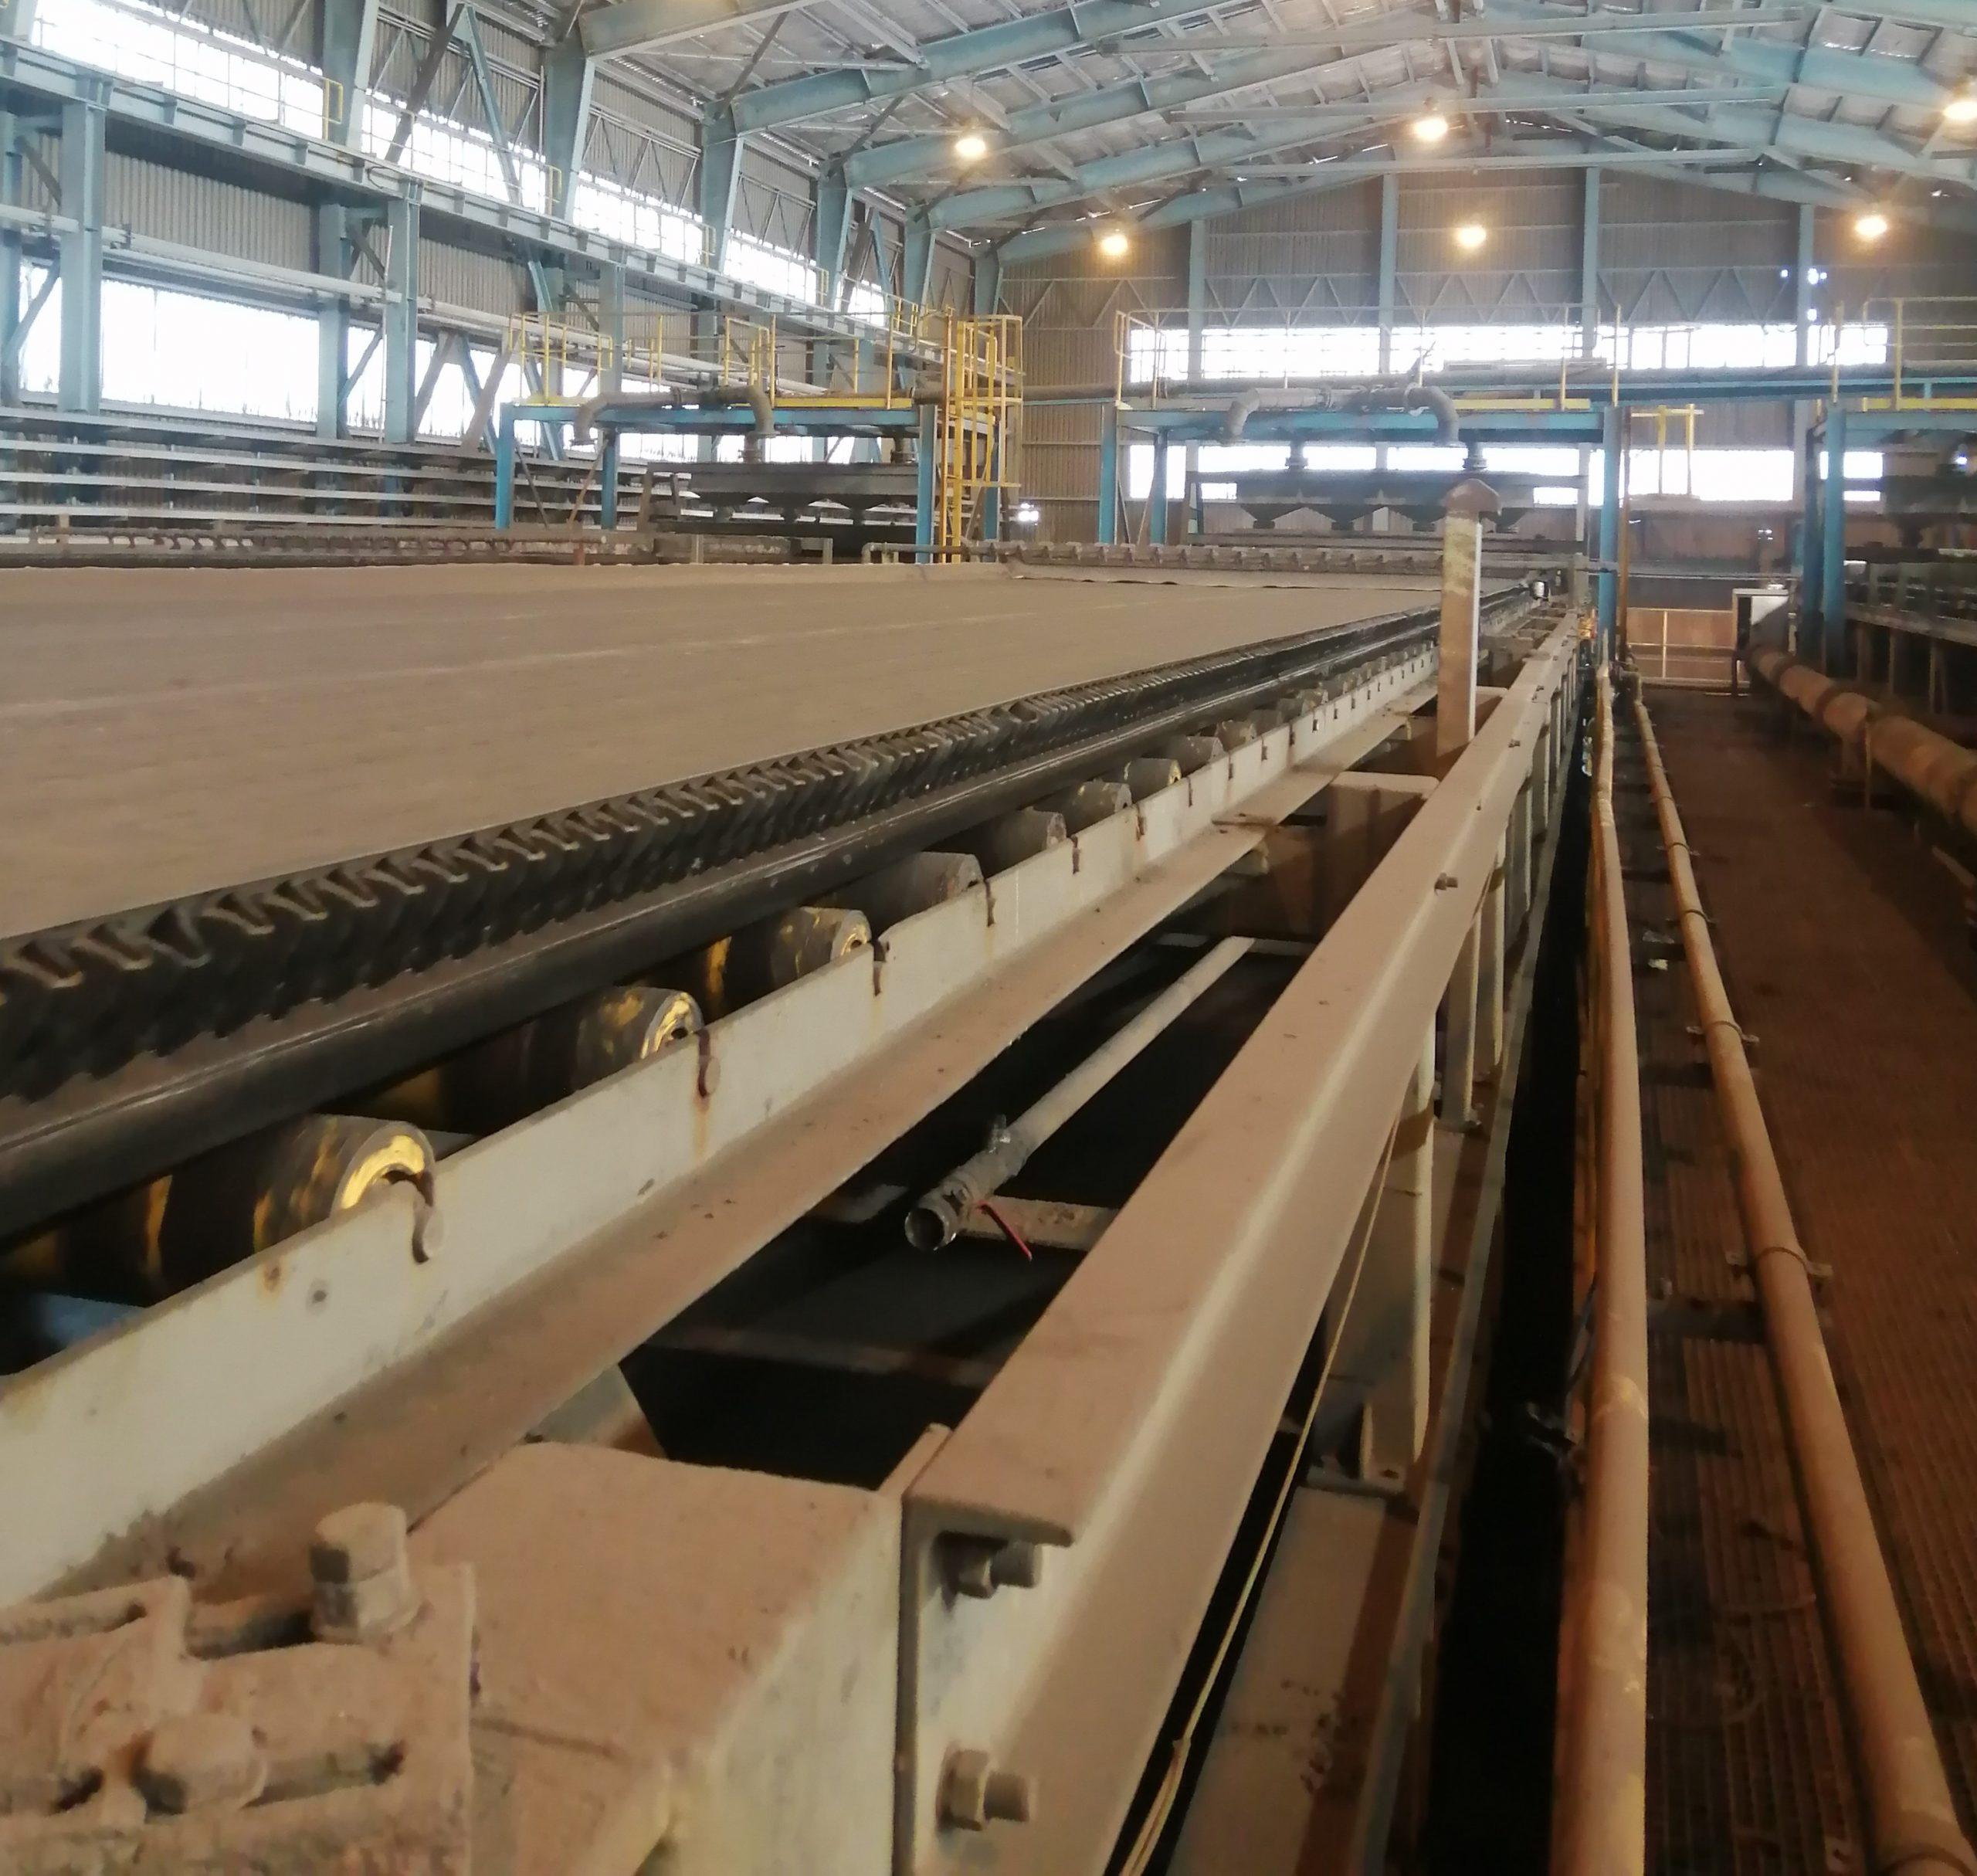 جلسه هفتگی استانداردسازی فرآیند در کارخانههای مجتمع صنعتی و معدنی گل گهر: بازرسی فرآیندی فیلترهای نواری خطوط تولید ۶،۵و۷شرکت صنعتی و معدنی گل گهر (بخش دوم)